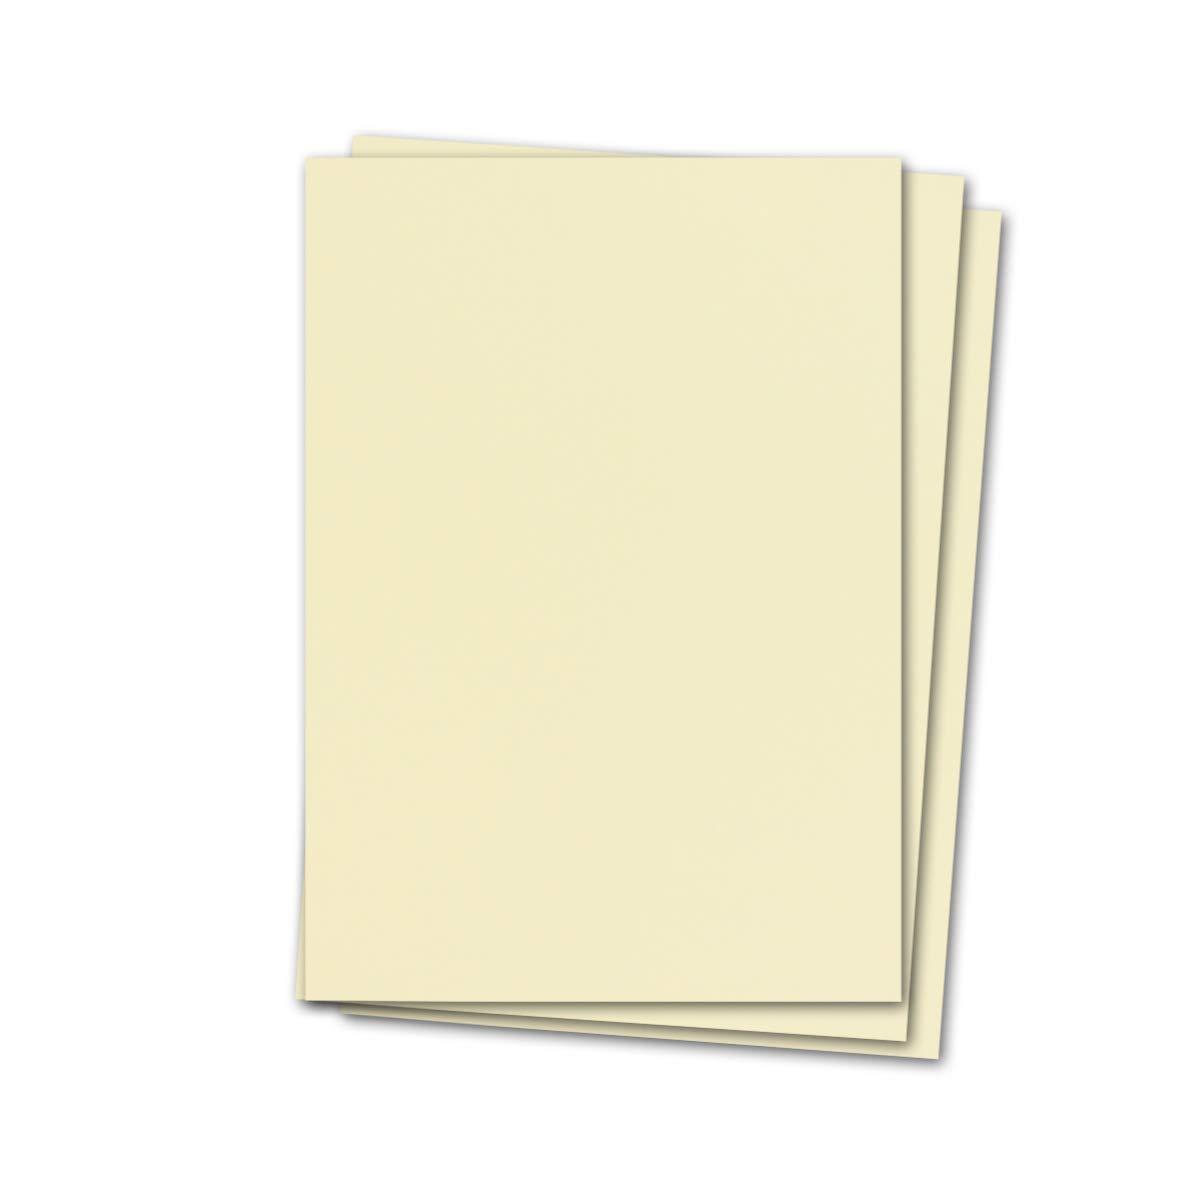 200 Blatt Blatt Blatt Ton-Karton DIN A4 - Farbe  Lila -Ton-Papier 240 g m² gerippte Oberfläche - Ton-Zeichen-Papier Bastel-Papier Bastel-Karton - Glüxx-Agent B07JZQLDXW | Hochwertige Materialien  78f012